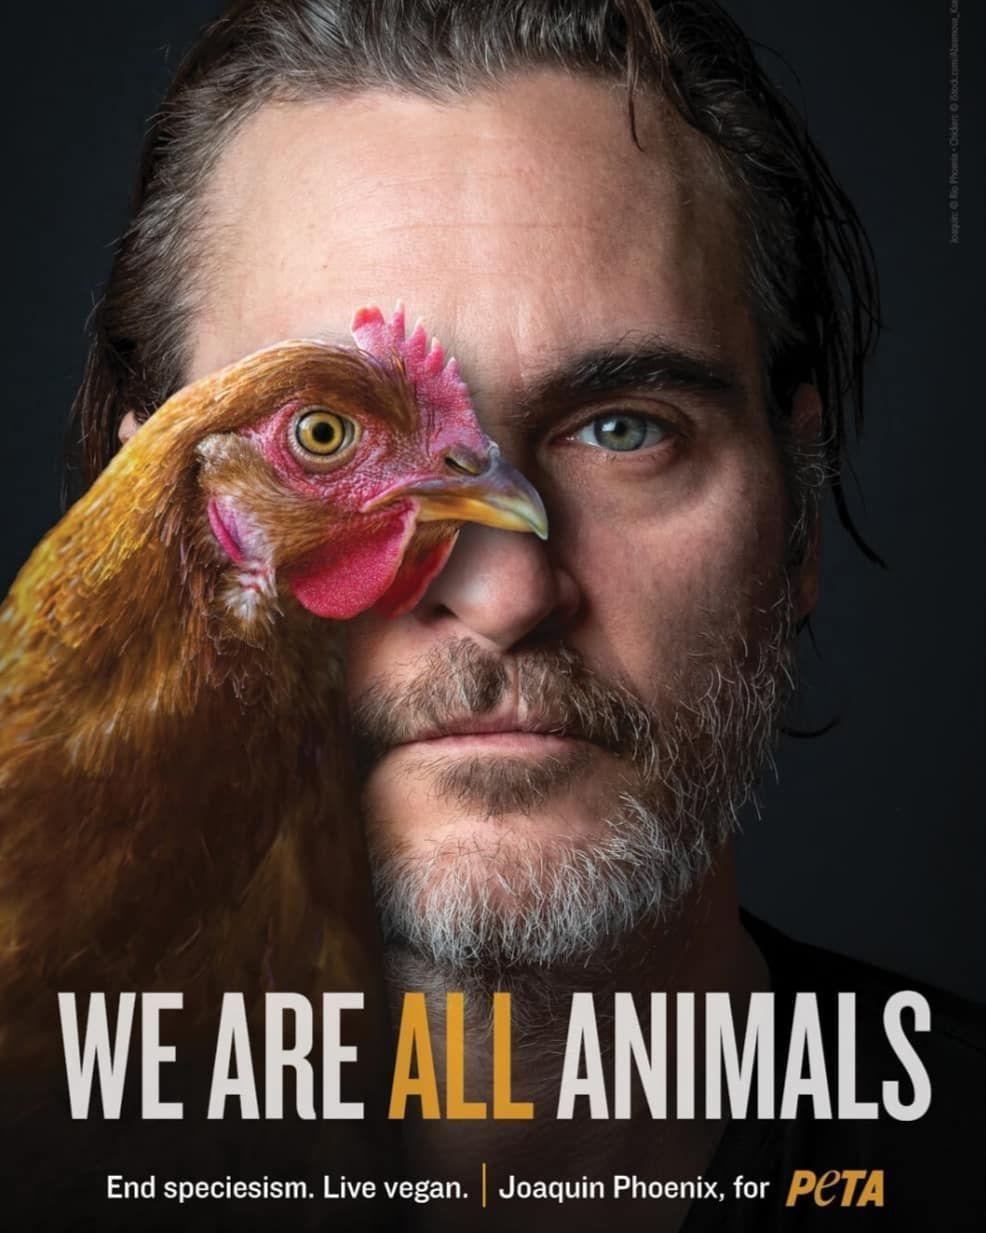 «Когда мы смотрим на мир глазами другого, животного, мы видим, что внутри мы все одинаковые - и что мы все заслуживаем того, чтобы жить без страданий», – Хоакин Феникс, Джокер, веган